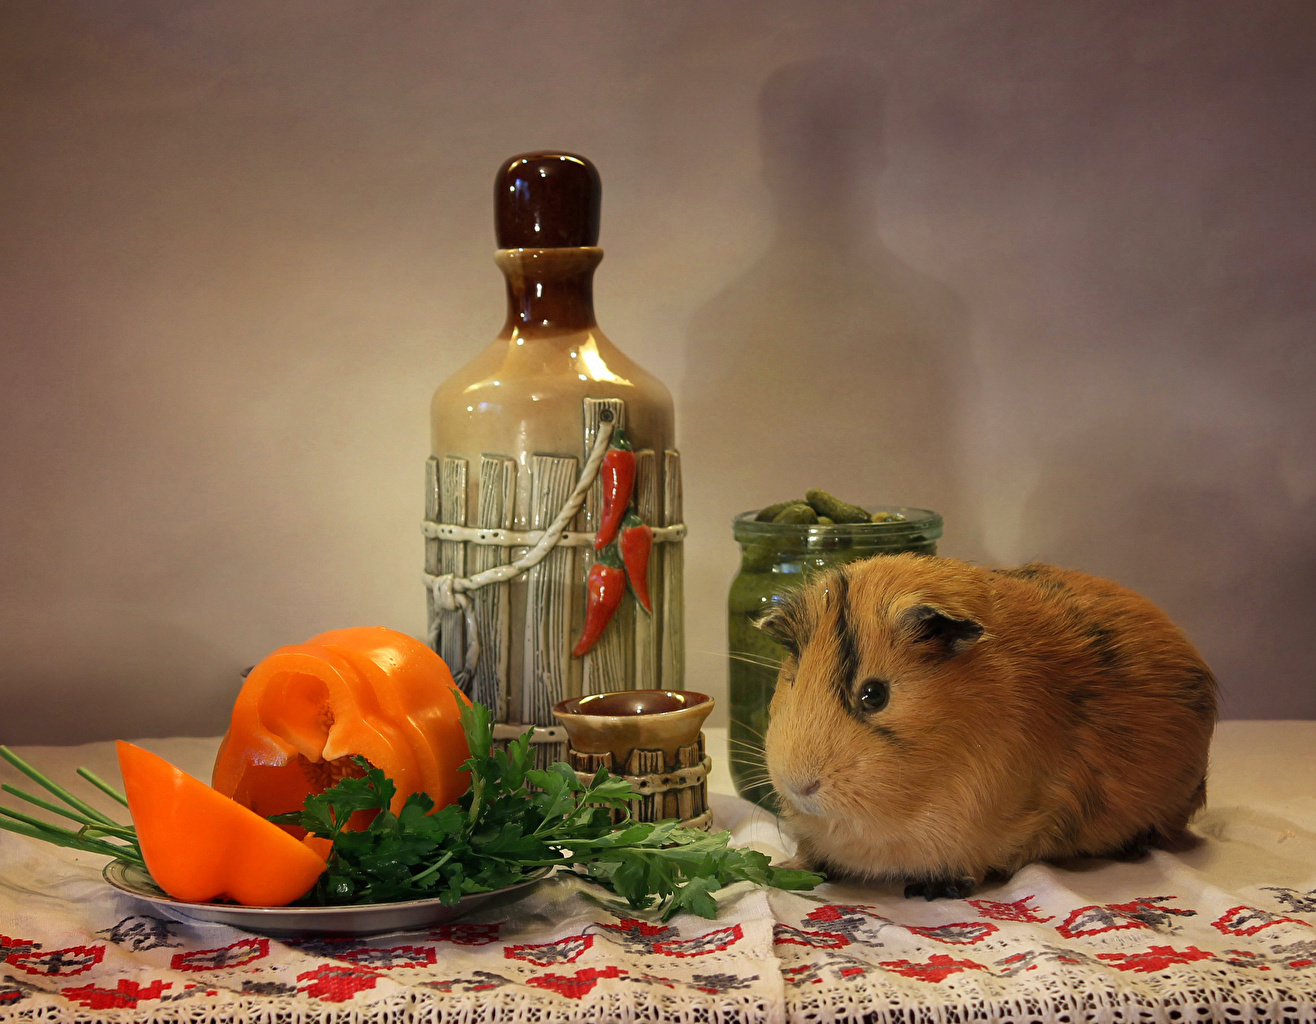 Обои для рабочего стола Морские свинки бутылки перец овощной Животные Перец Бутылка животное